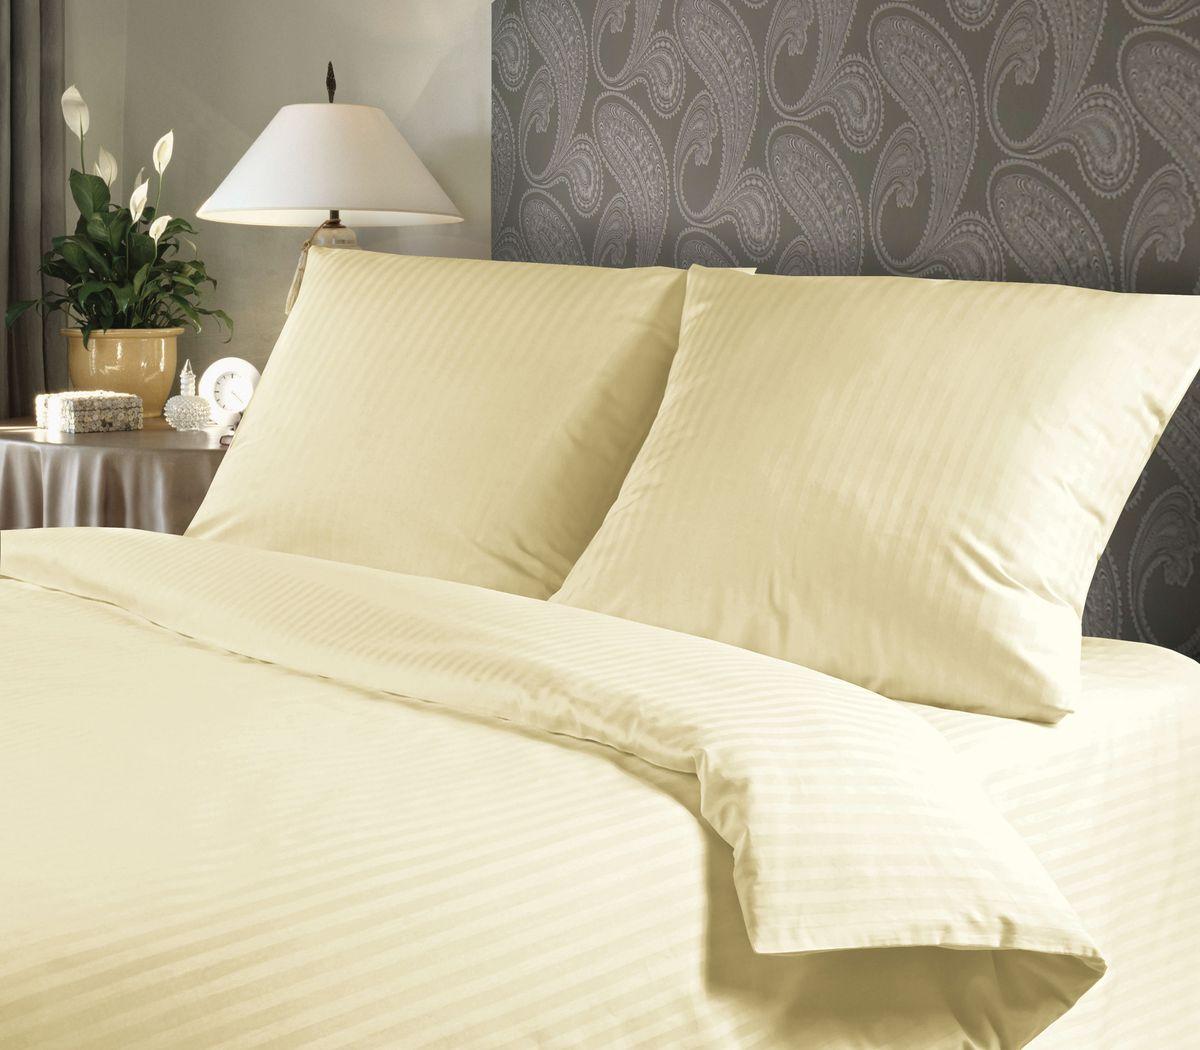 Комплект белья Verossa Amber, 1,5-спальный, наволочки 50х70711212